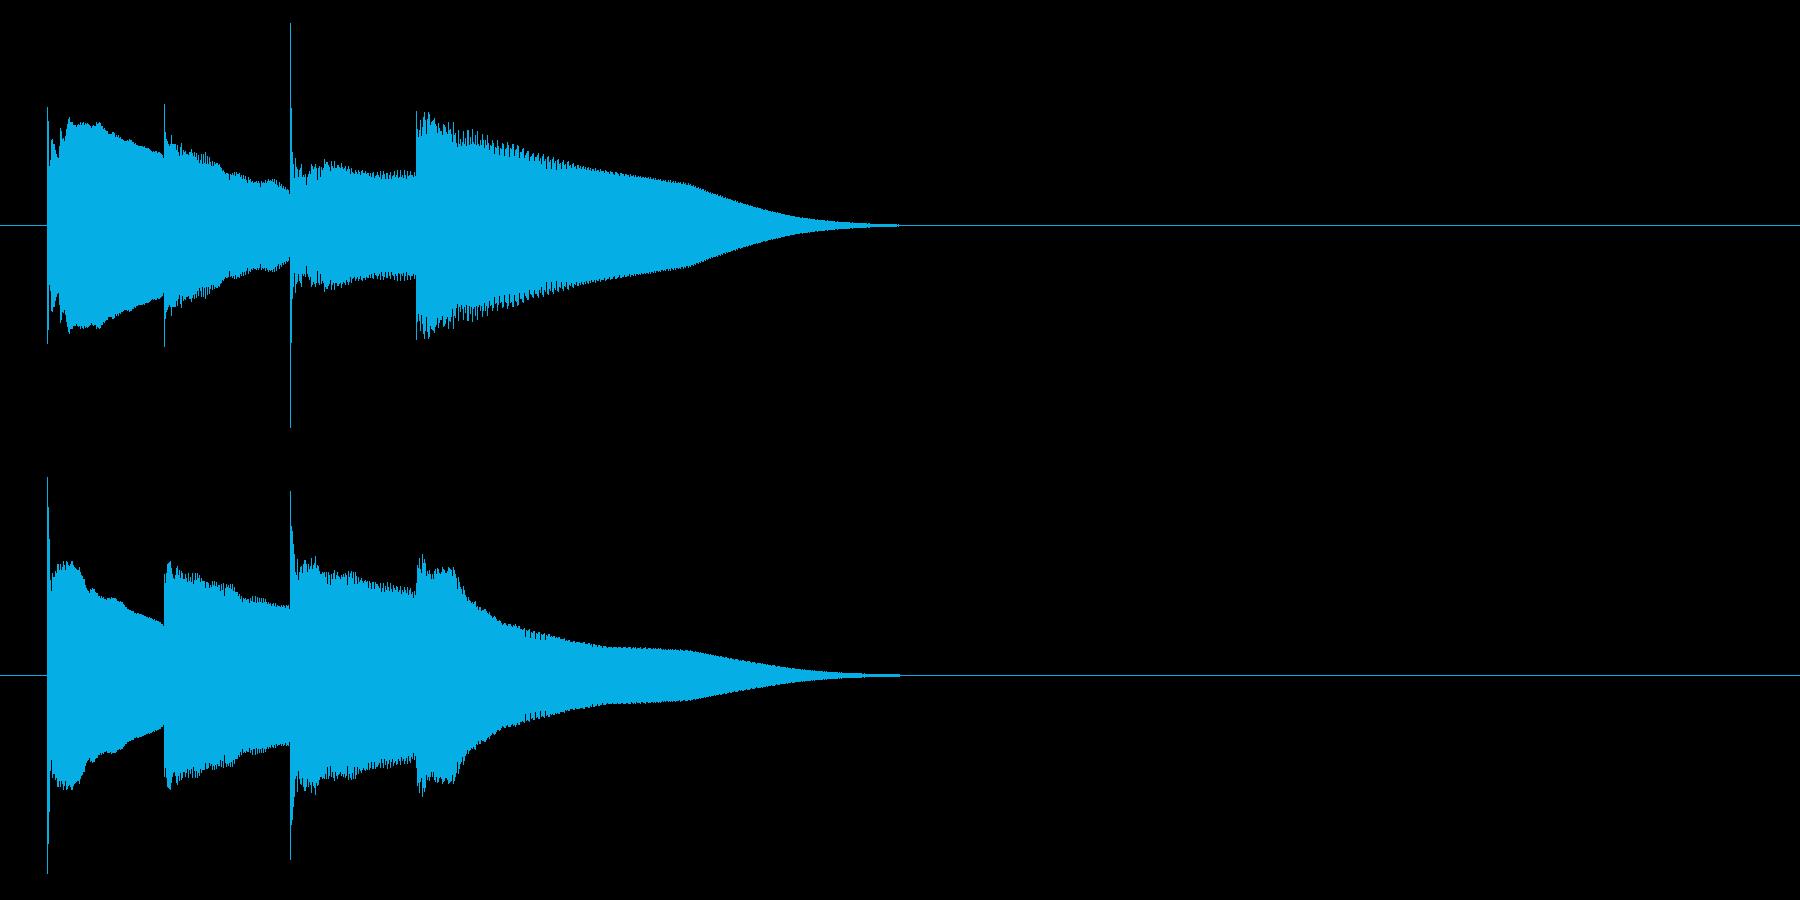 グロッケン系 キャンセル音6(大)の再生済みの波形